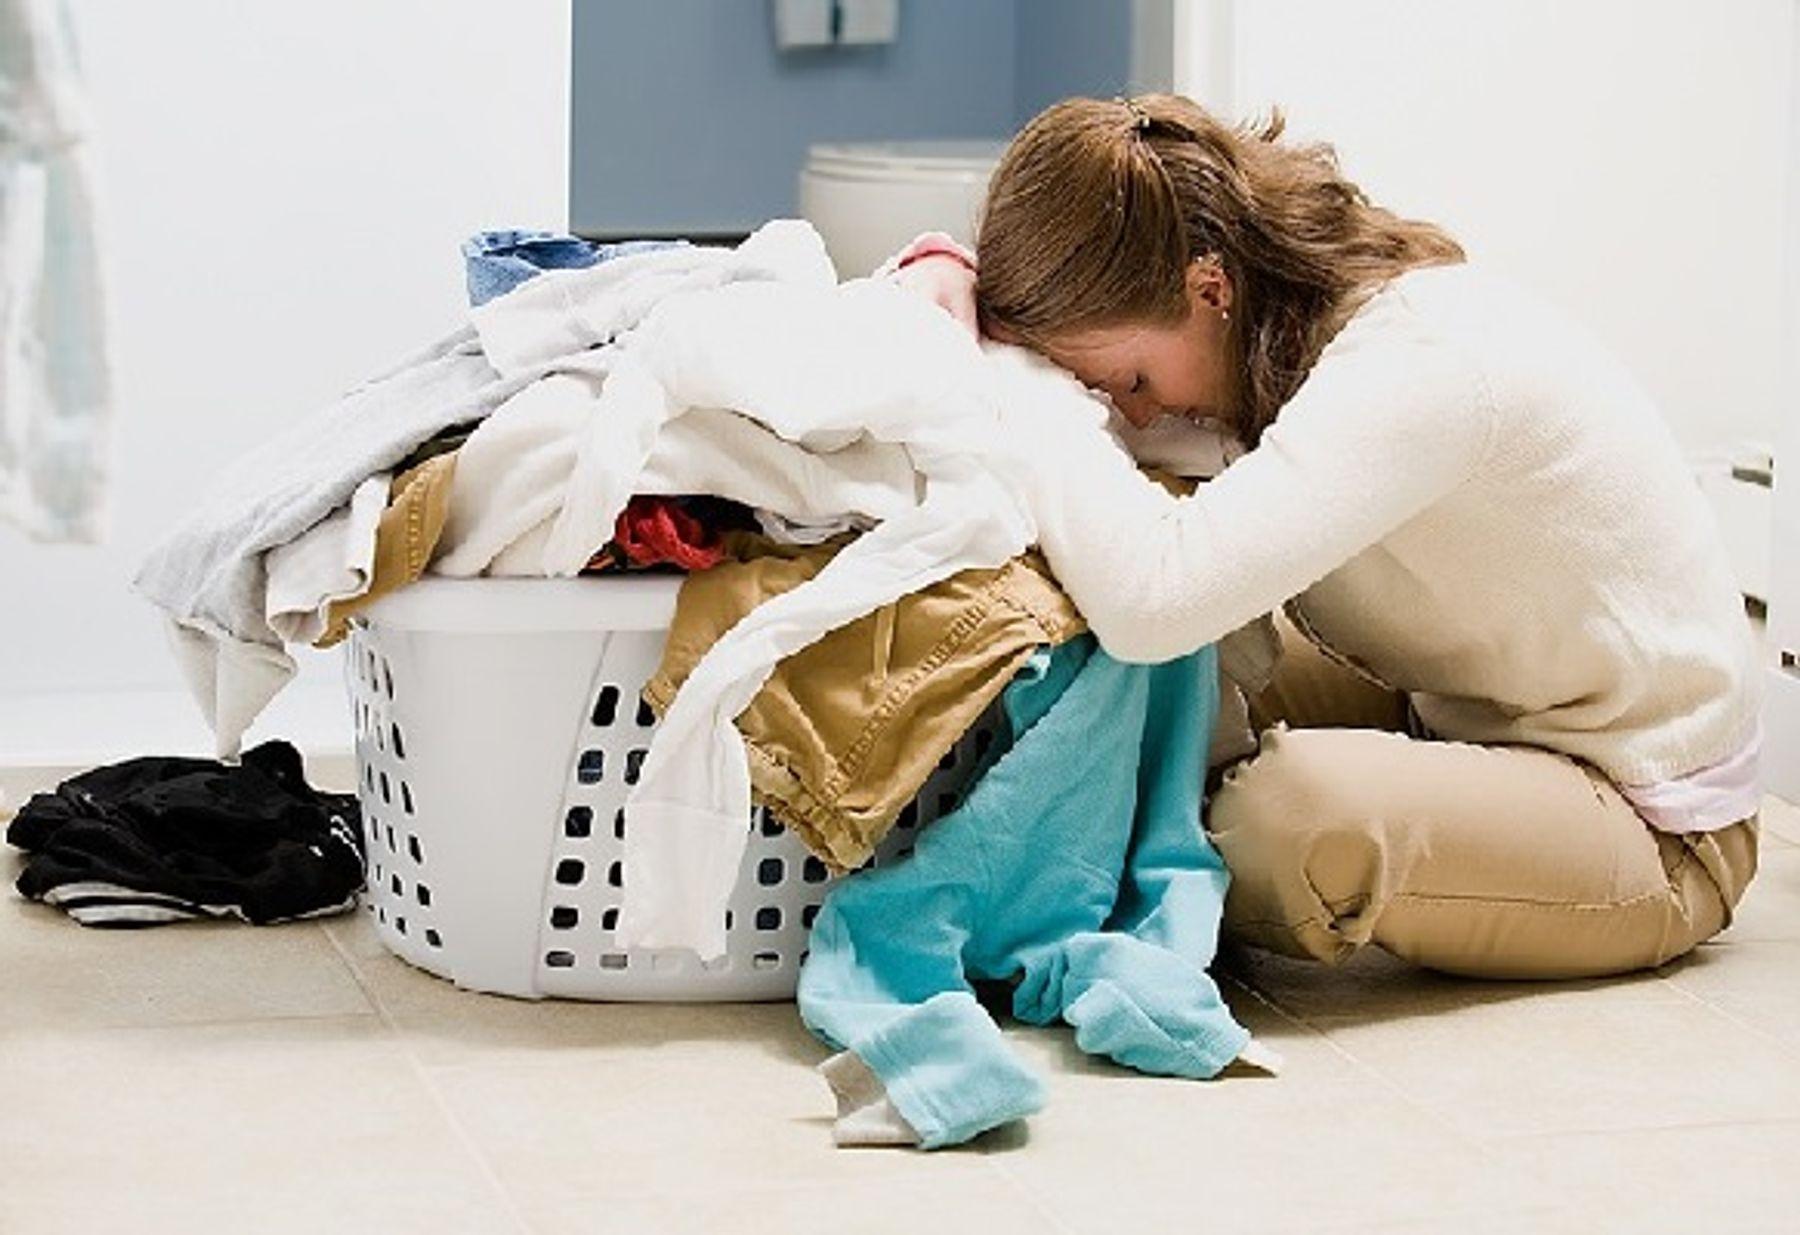 Cách giặt quần áo an toàn, tạm biệt nỗi lo quần áo mau cũ